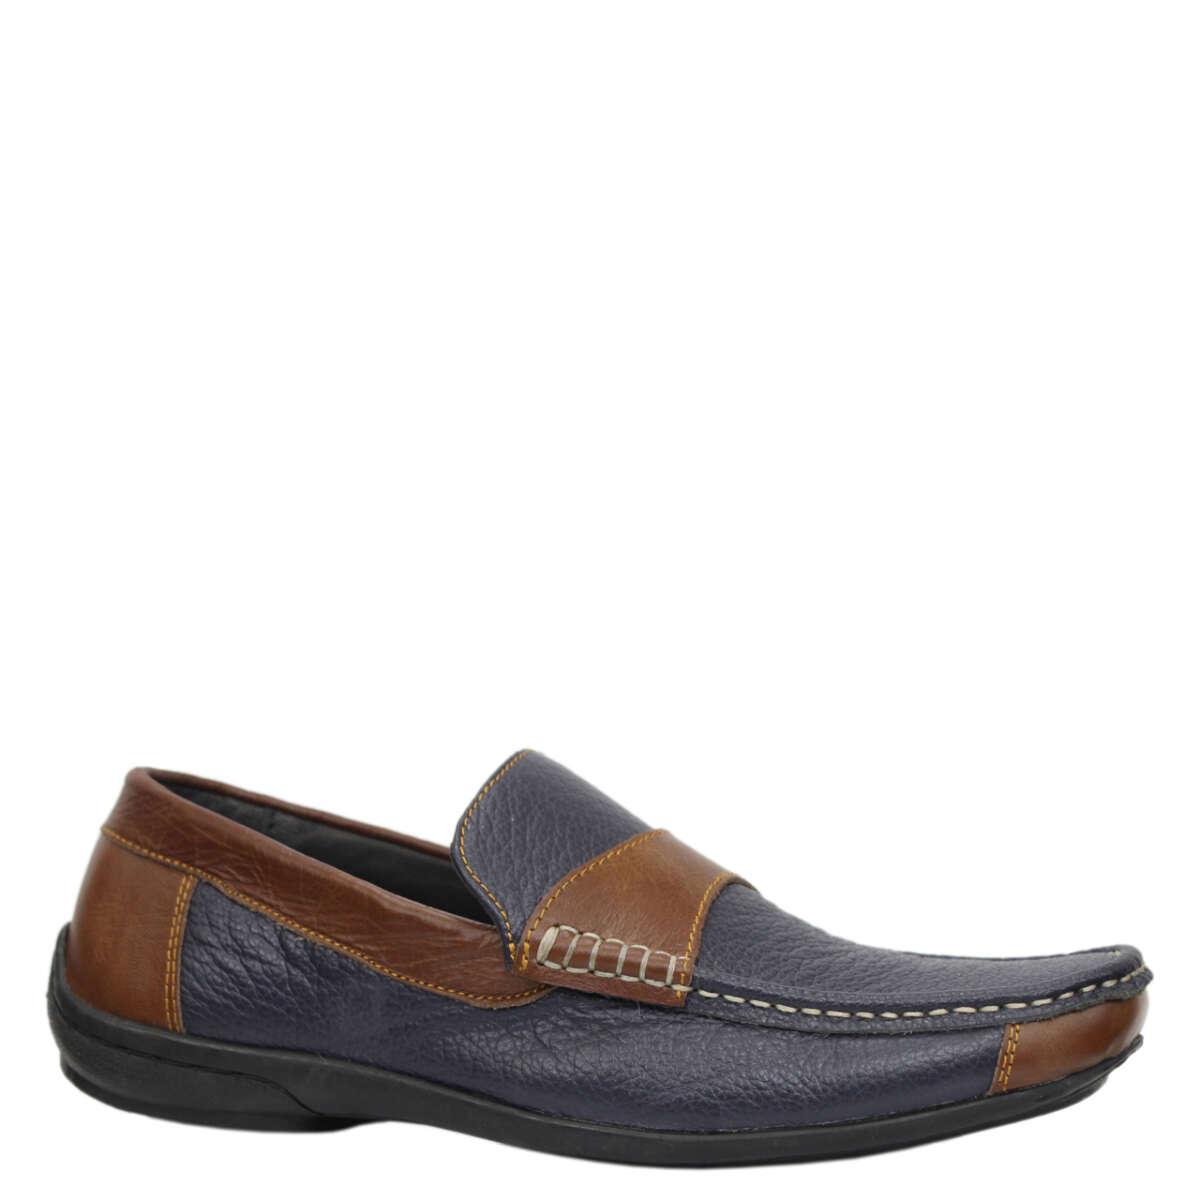 Giày lười nam da bò B861a